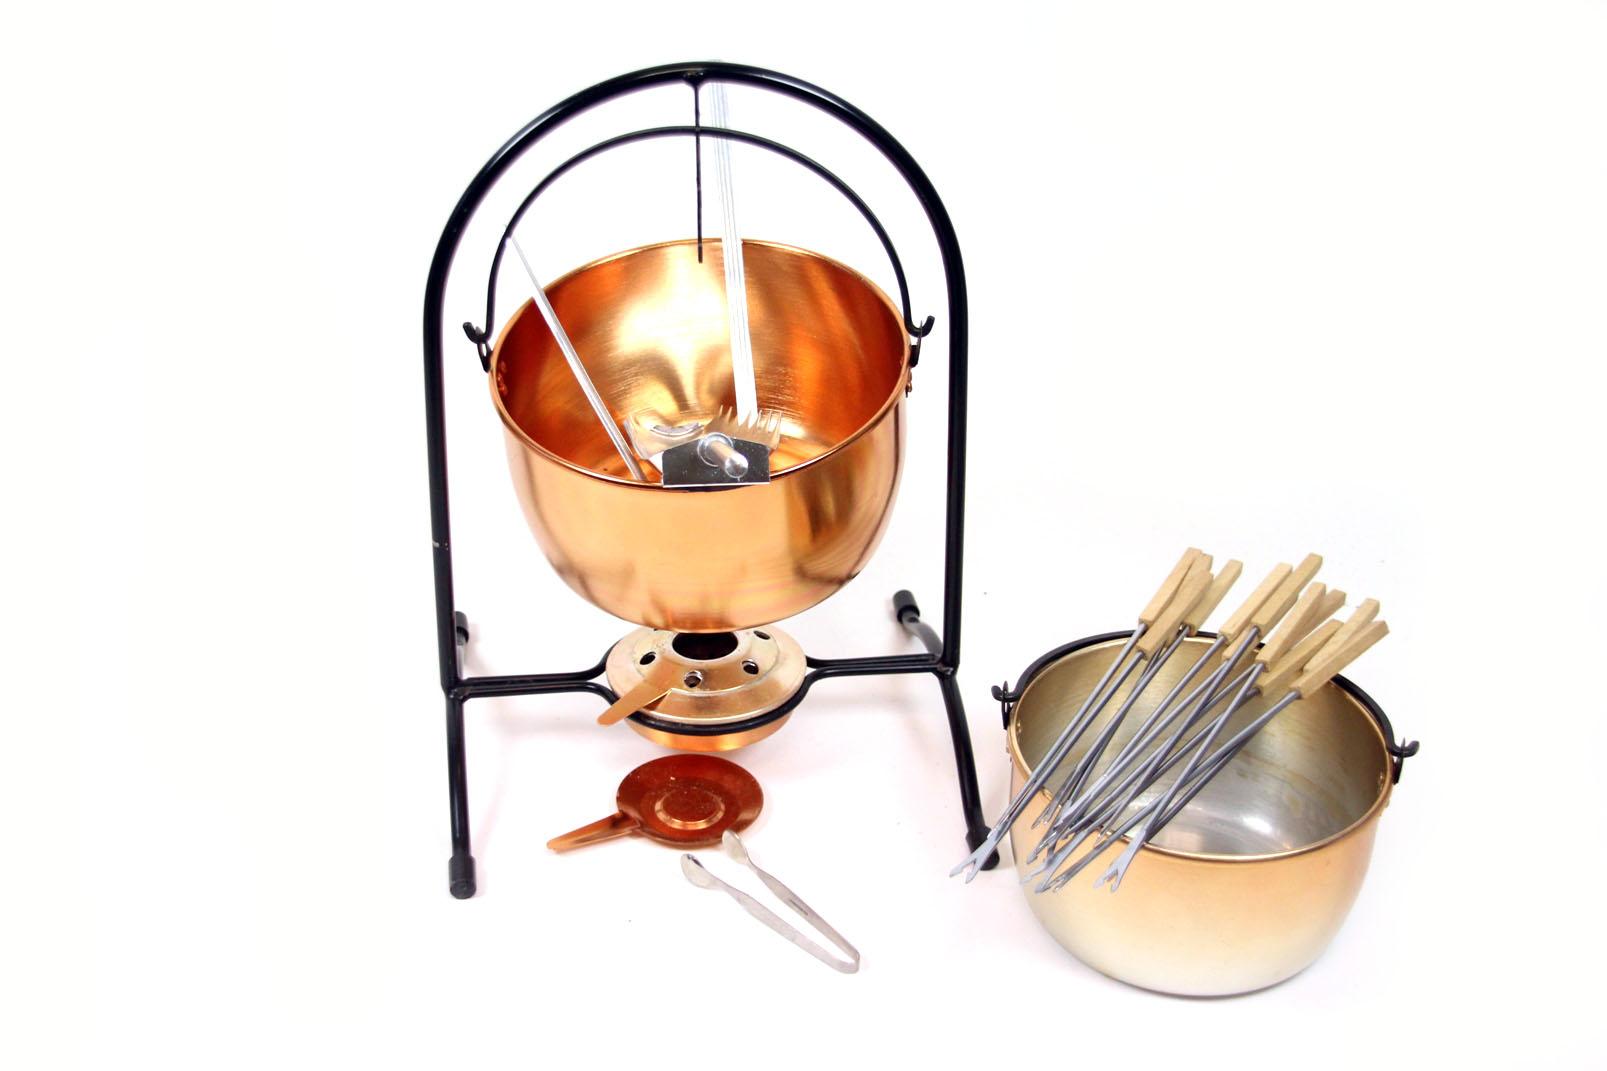 schönes DDR Feuerzangenbowle Set Kupfer Eisen mit Zubehör